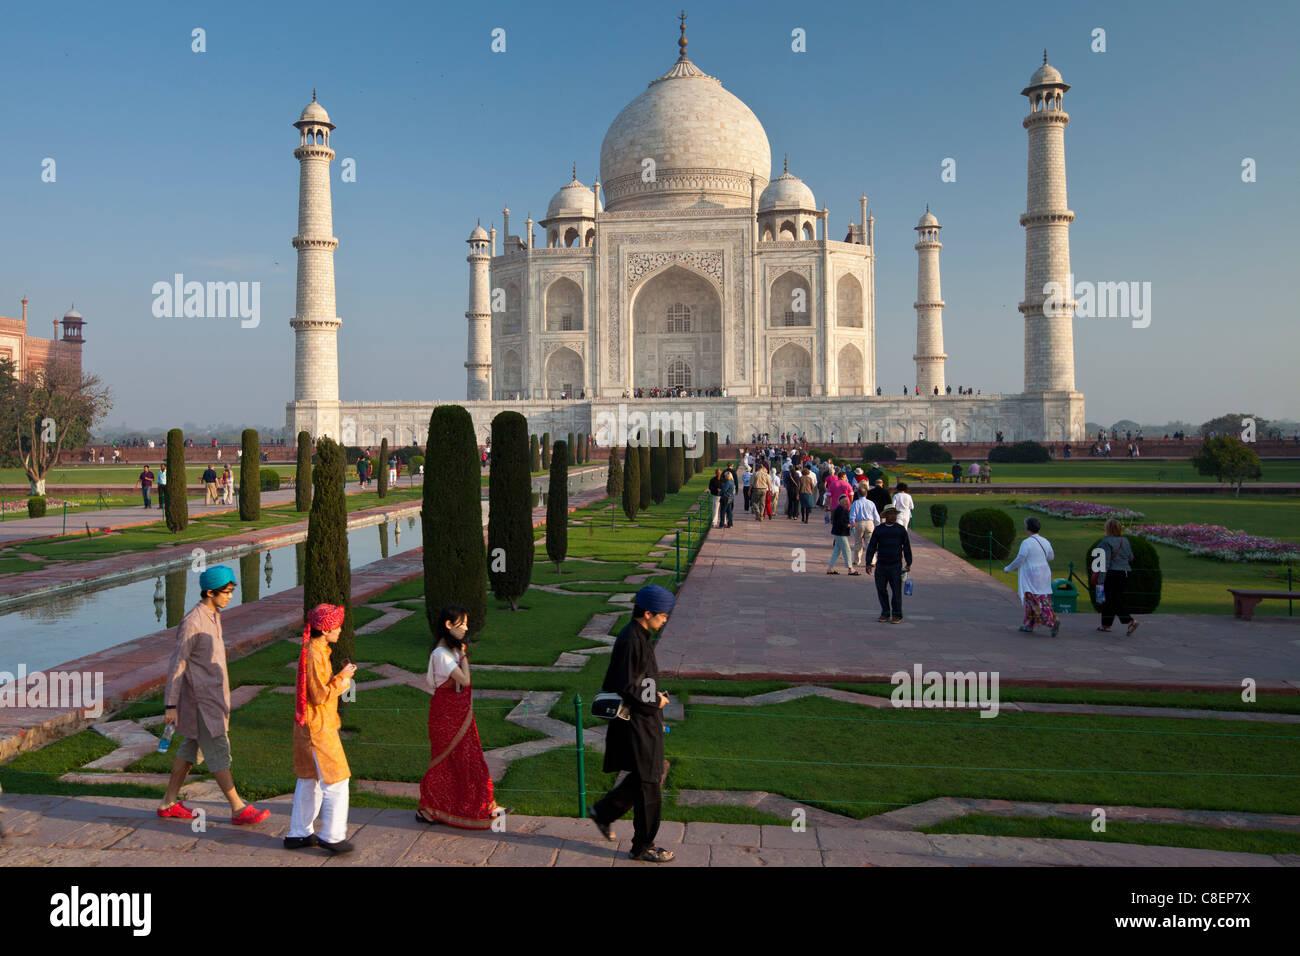 Asiatische Touristen am südlichen Taj Mahal Mausoleum anzeigen Uttar Pradesh, Indien Stockbild